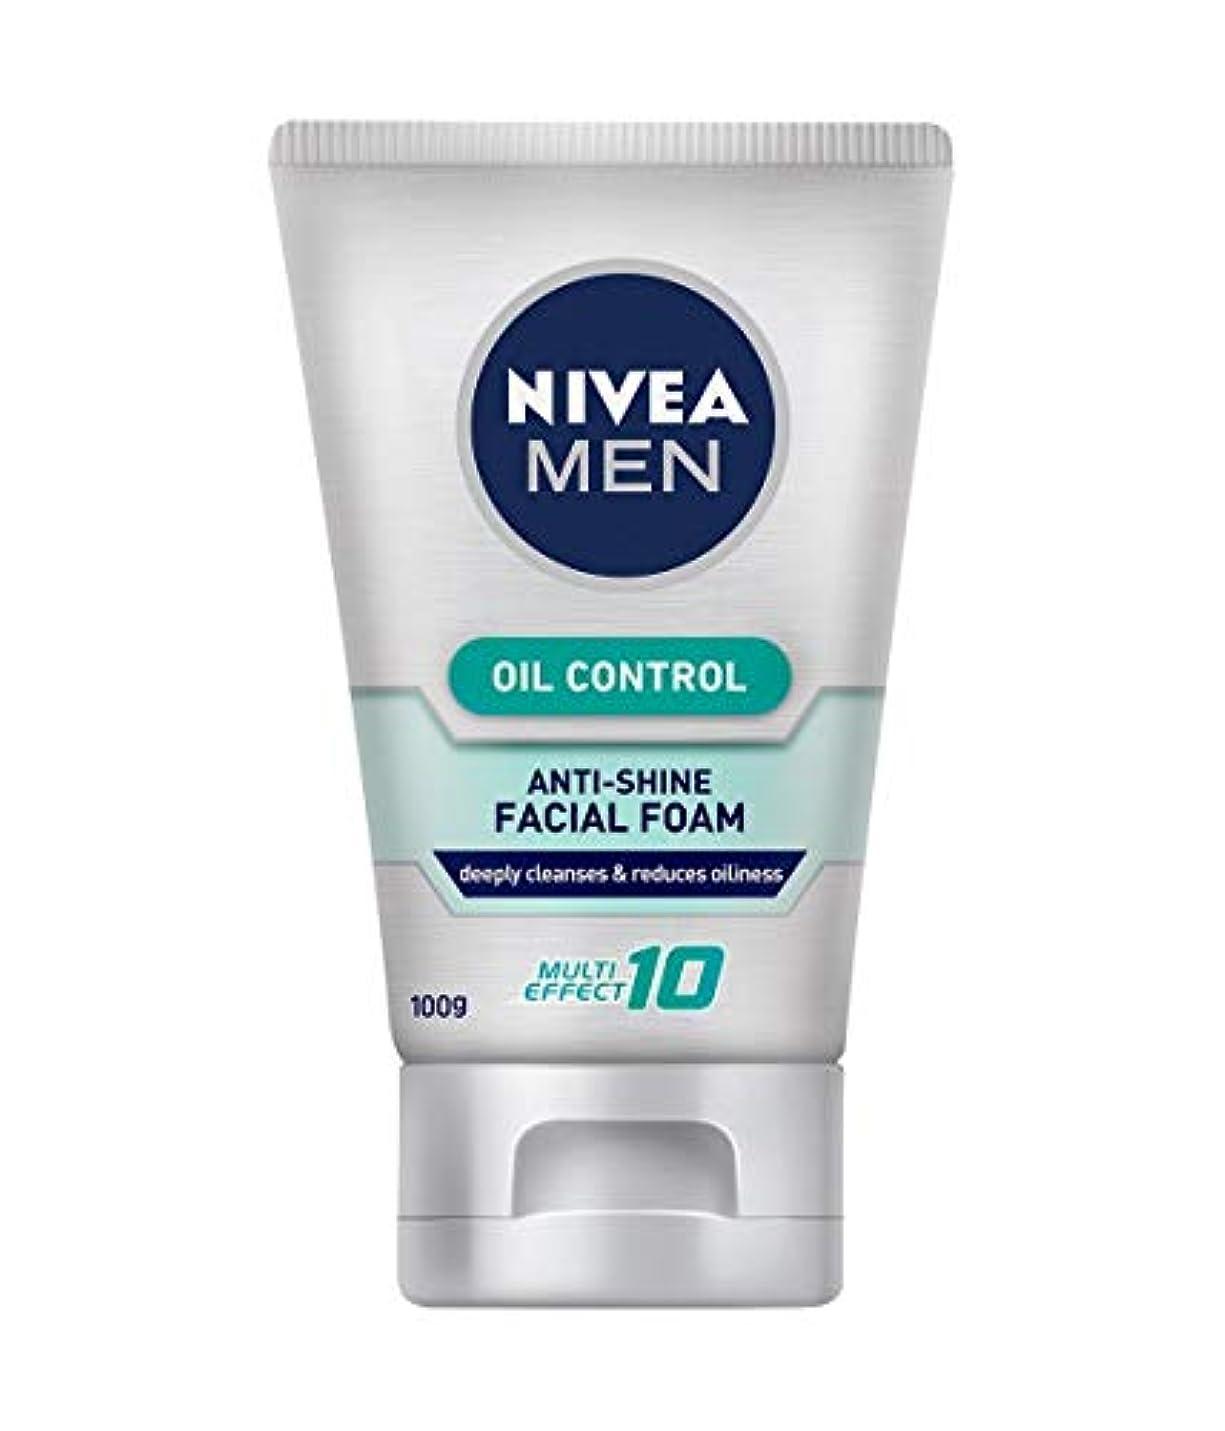 ルネッサンスに渡ってなぞらえるNivea For Men オイルコントロールクレンザー百グラム、にきびの問題を軽減しながら、炎症を和らげます。